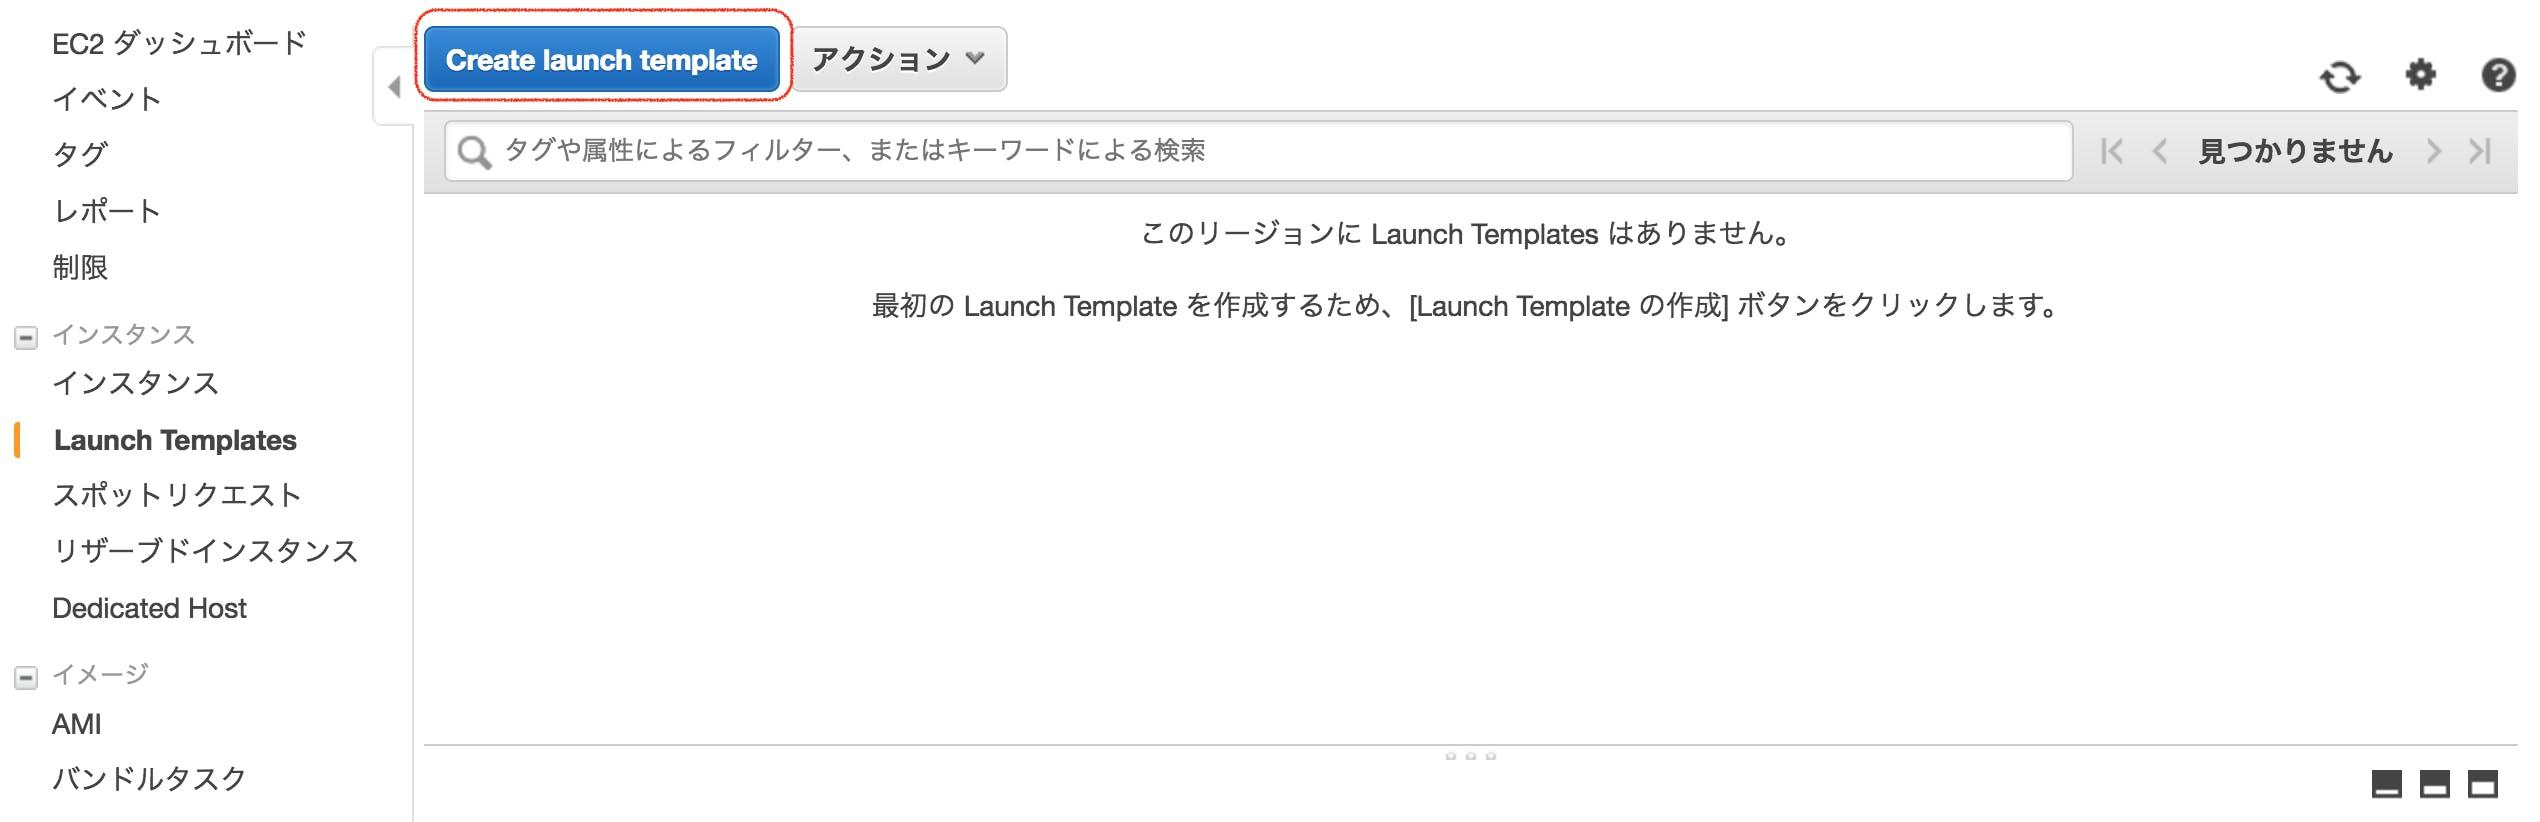 Launch Templates を利用してインスタンスの起動を行う。 - Qiita